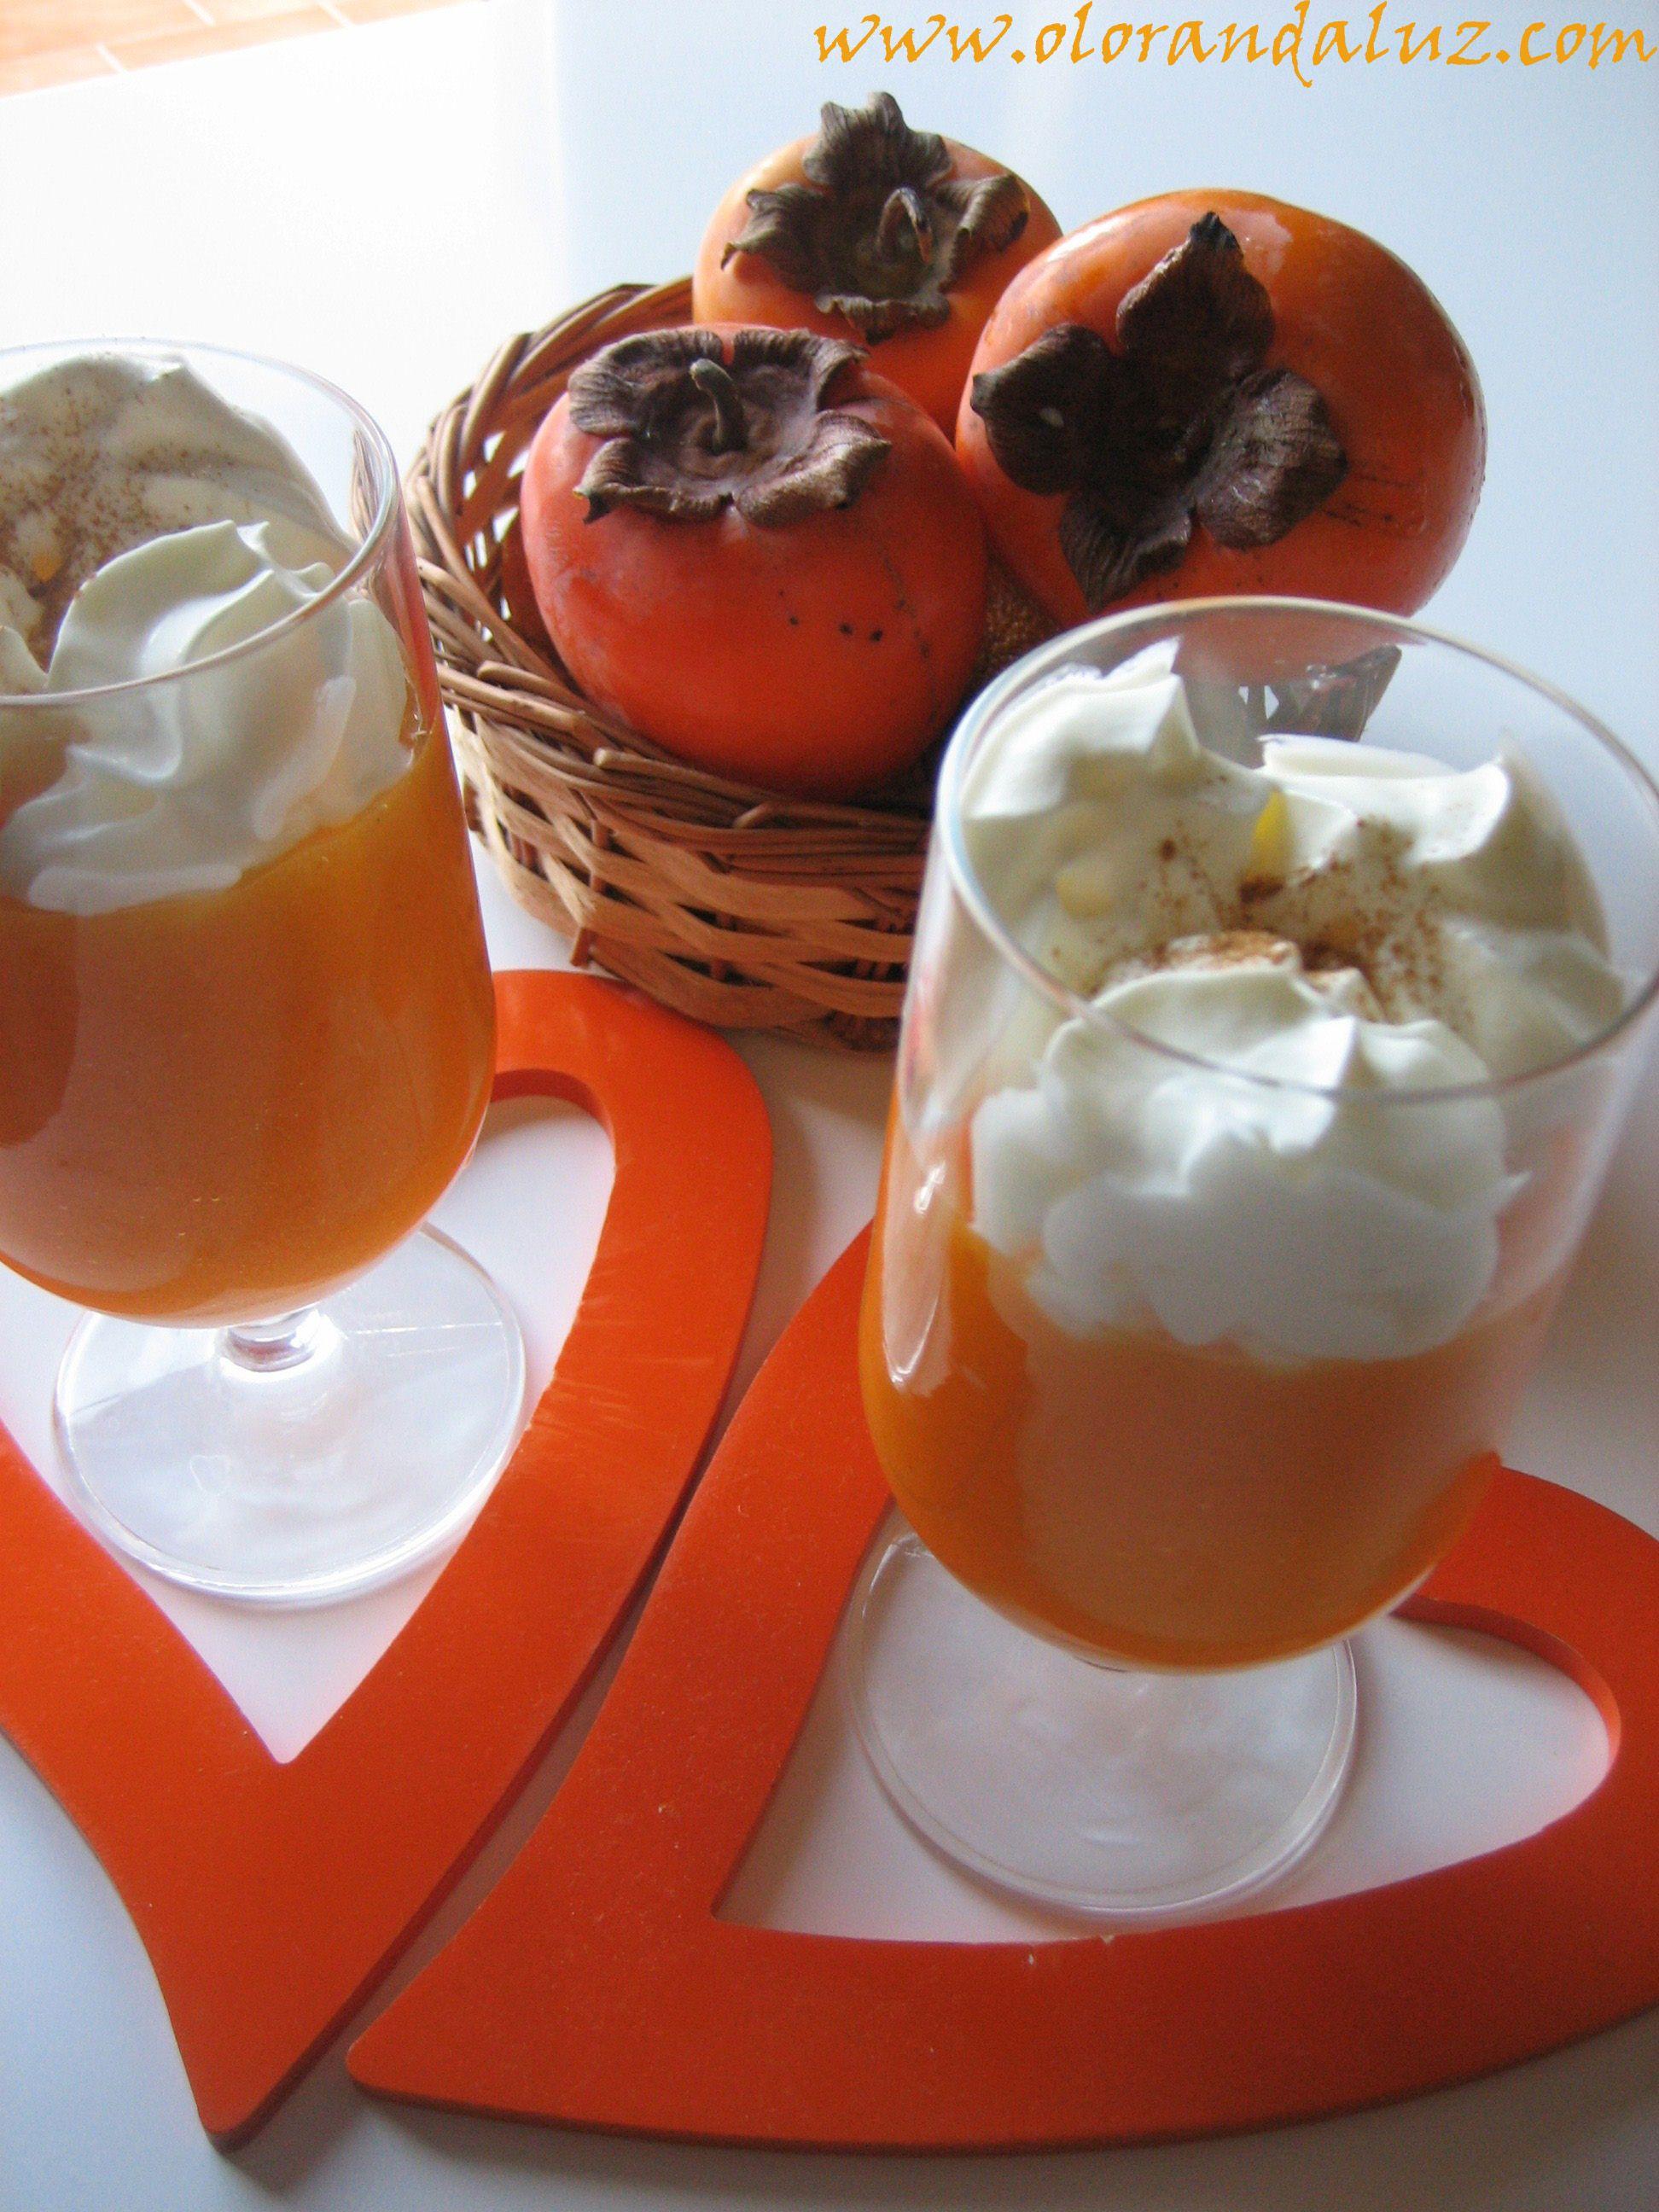 Mousse de caqui http://www.olorandaluz.com/mousse-de-caqui/